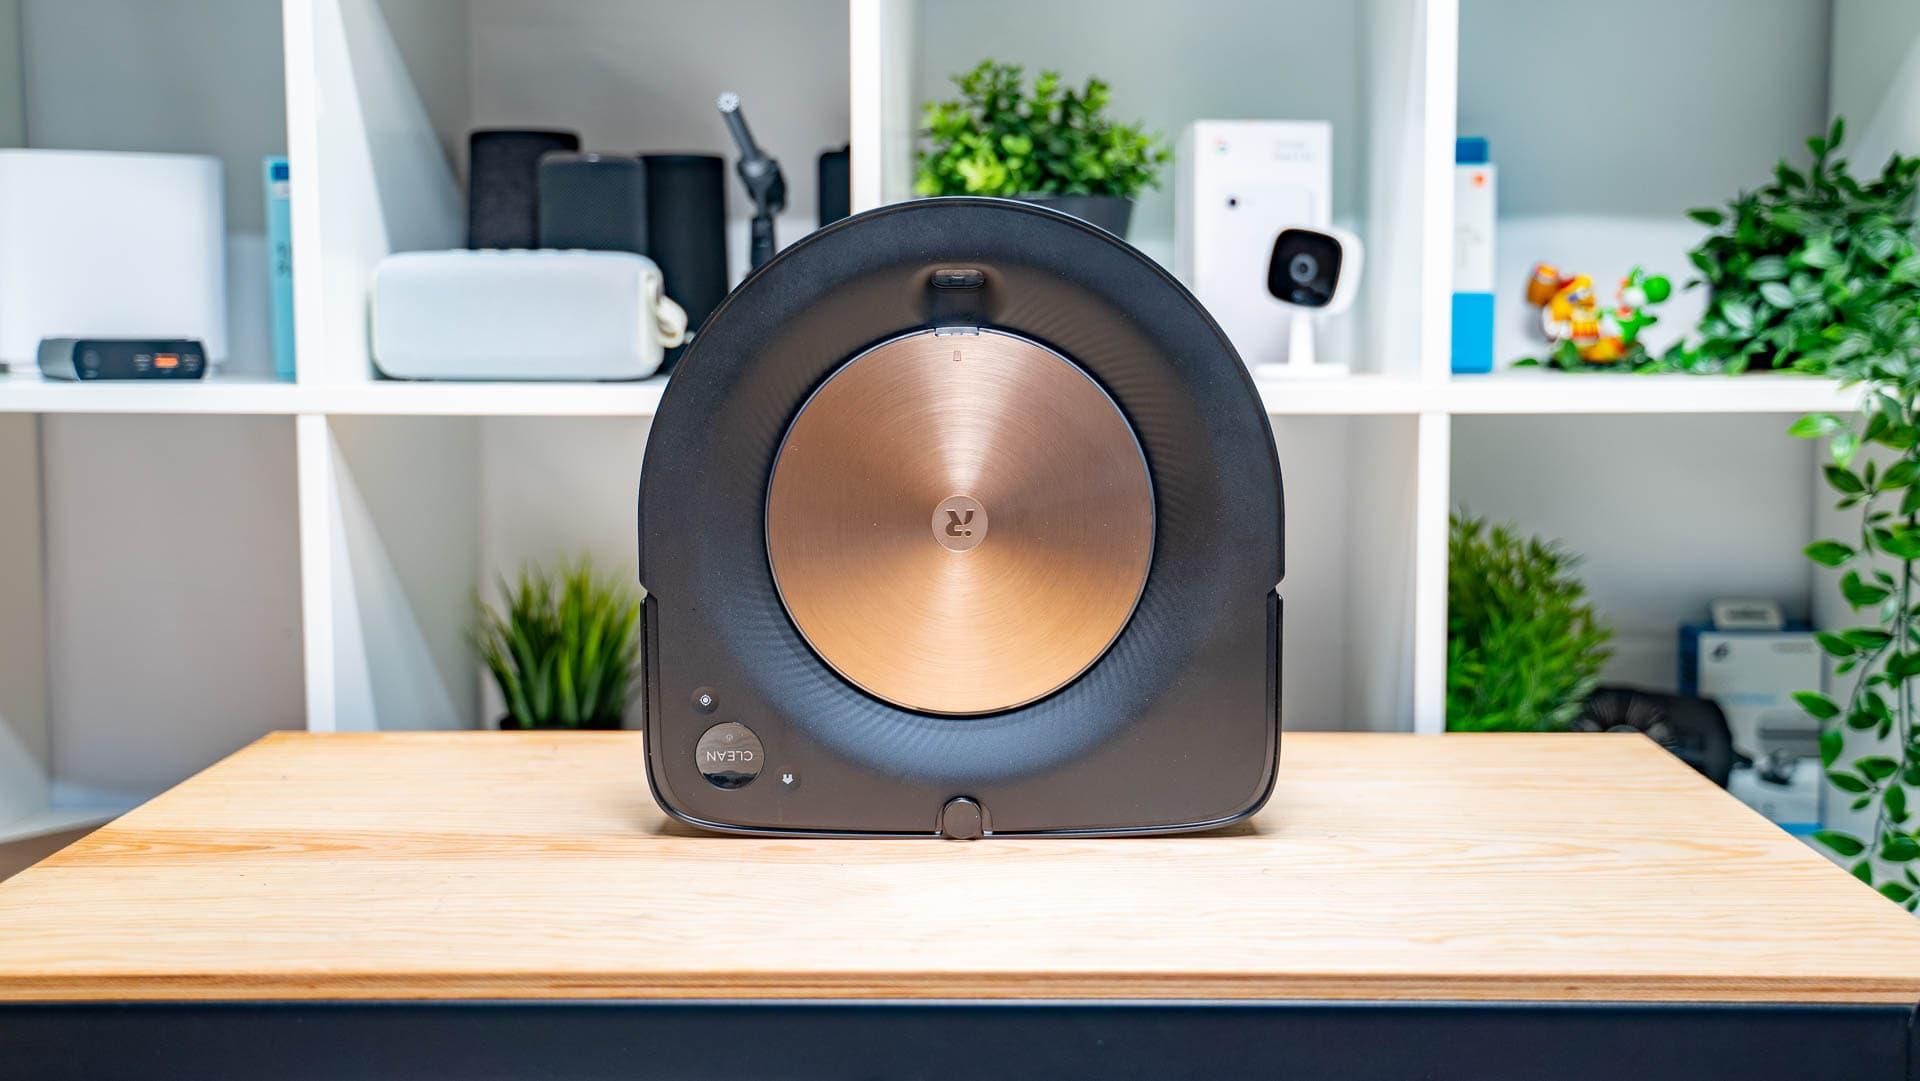 Ist der teuerste Saugroboter auch der beste? Der iRobot Roomba S9+ im Test